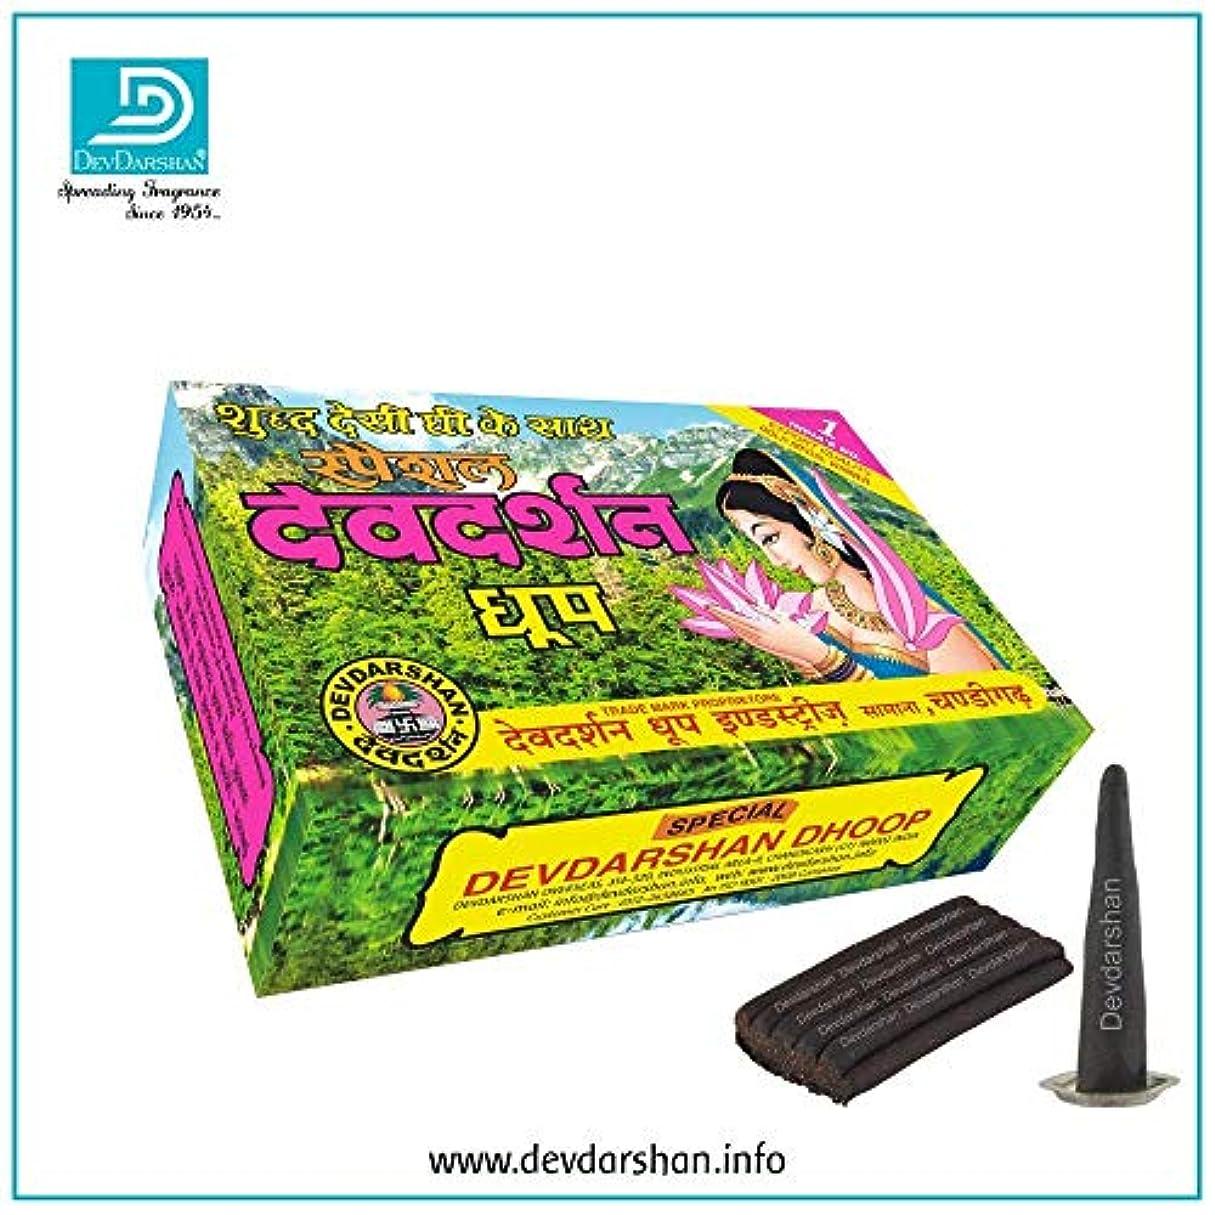 マニアウナギ一致するDevdarshan Special Dhoop Large, 50g in Each Unit (Pack of 12 Units)